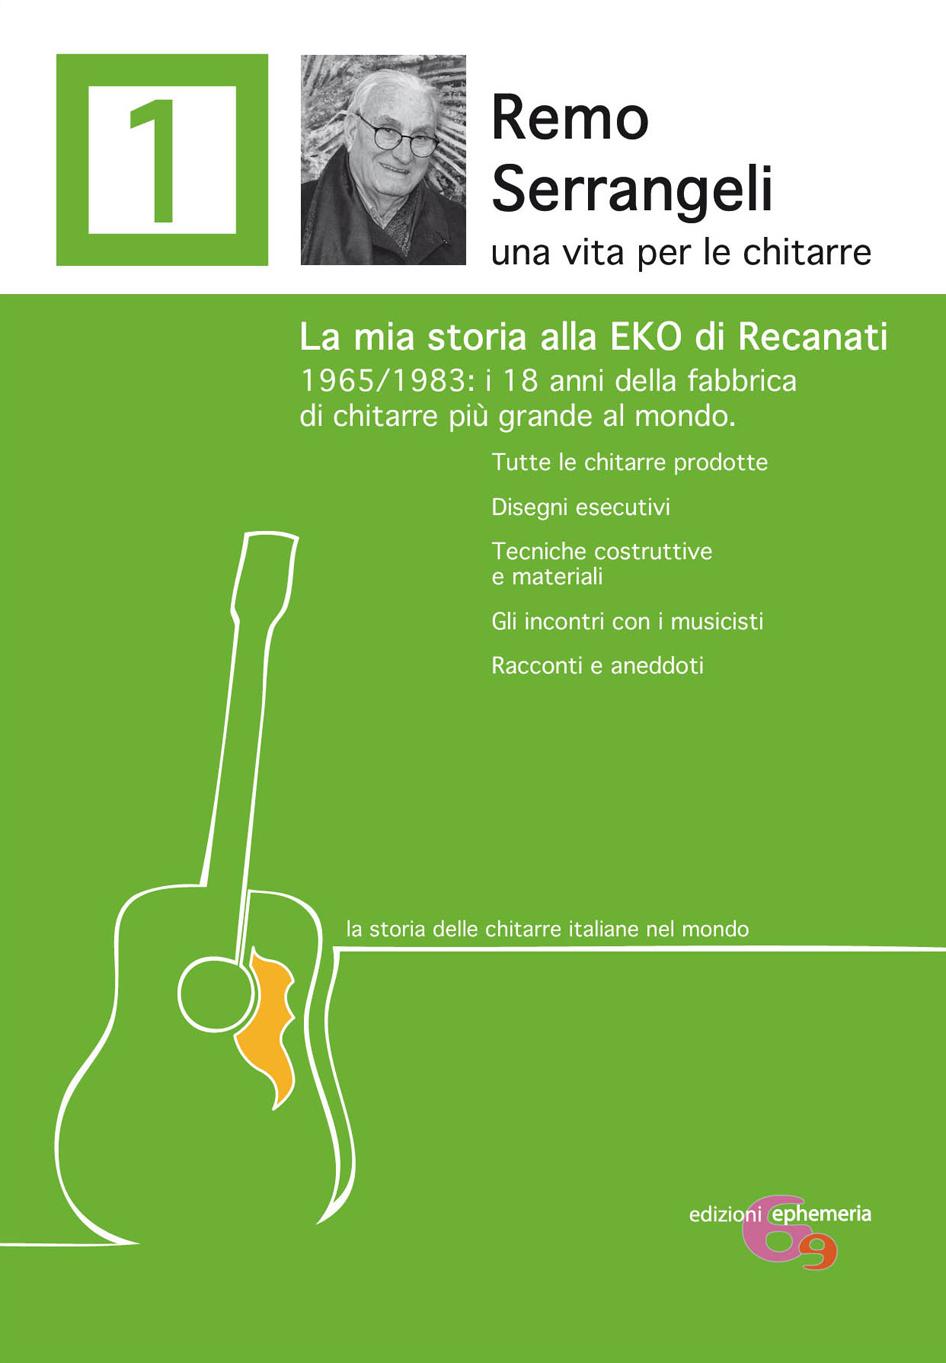 """""""Remo Serrangeli. La mia storia alla EKO di Recanati. 1965/1983"""" di Remo Serrangeli"""